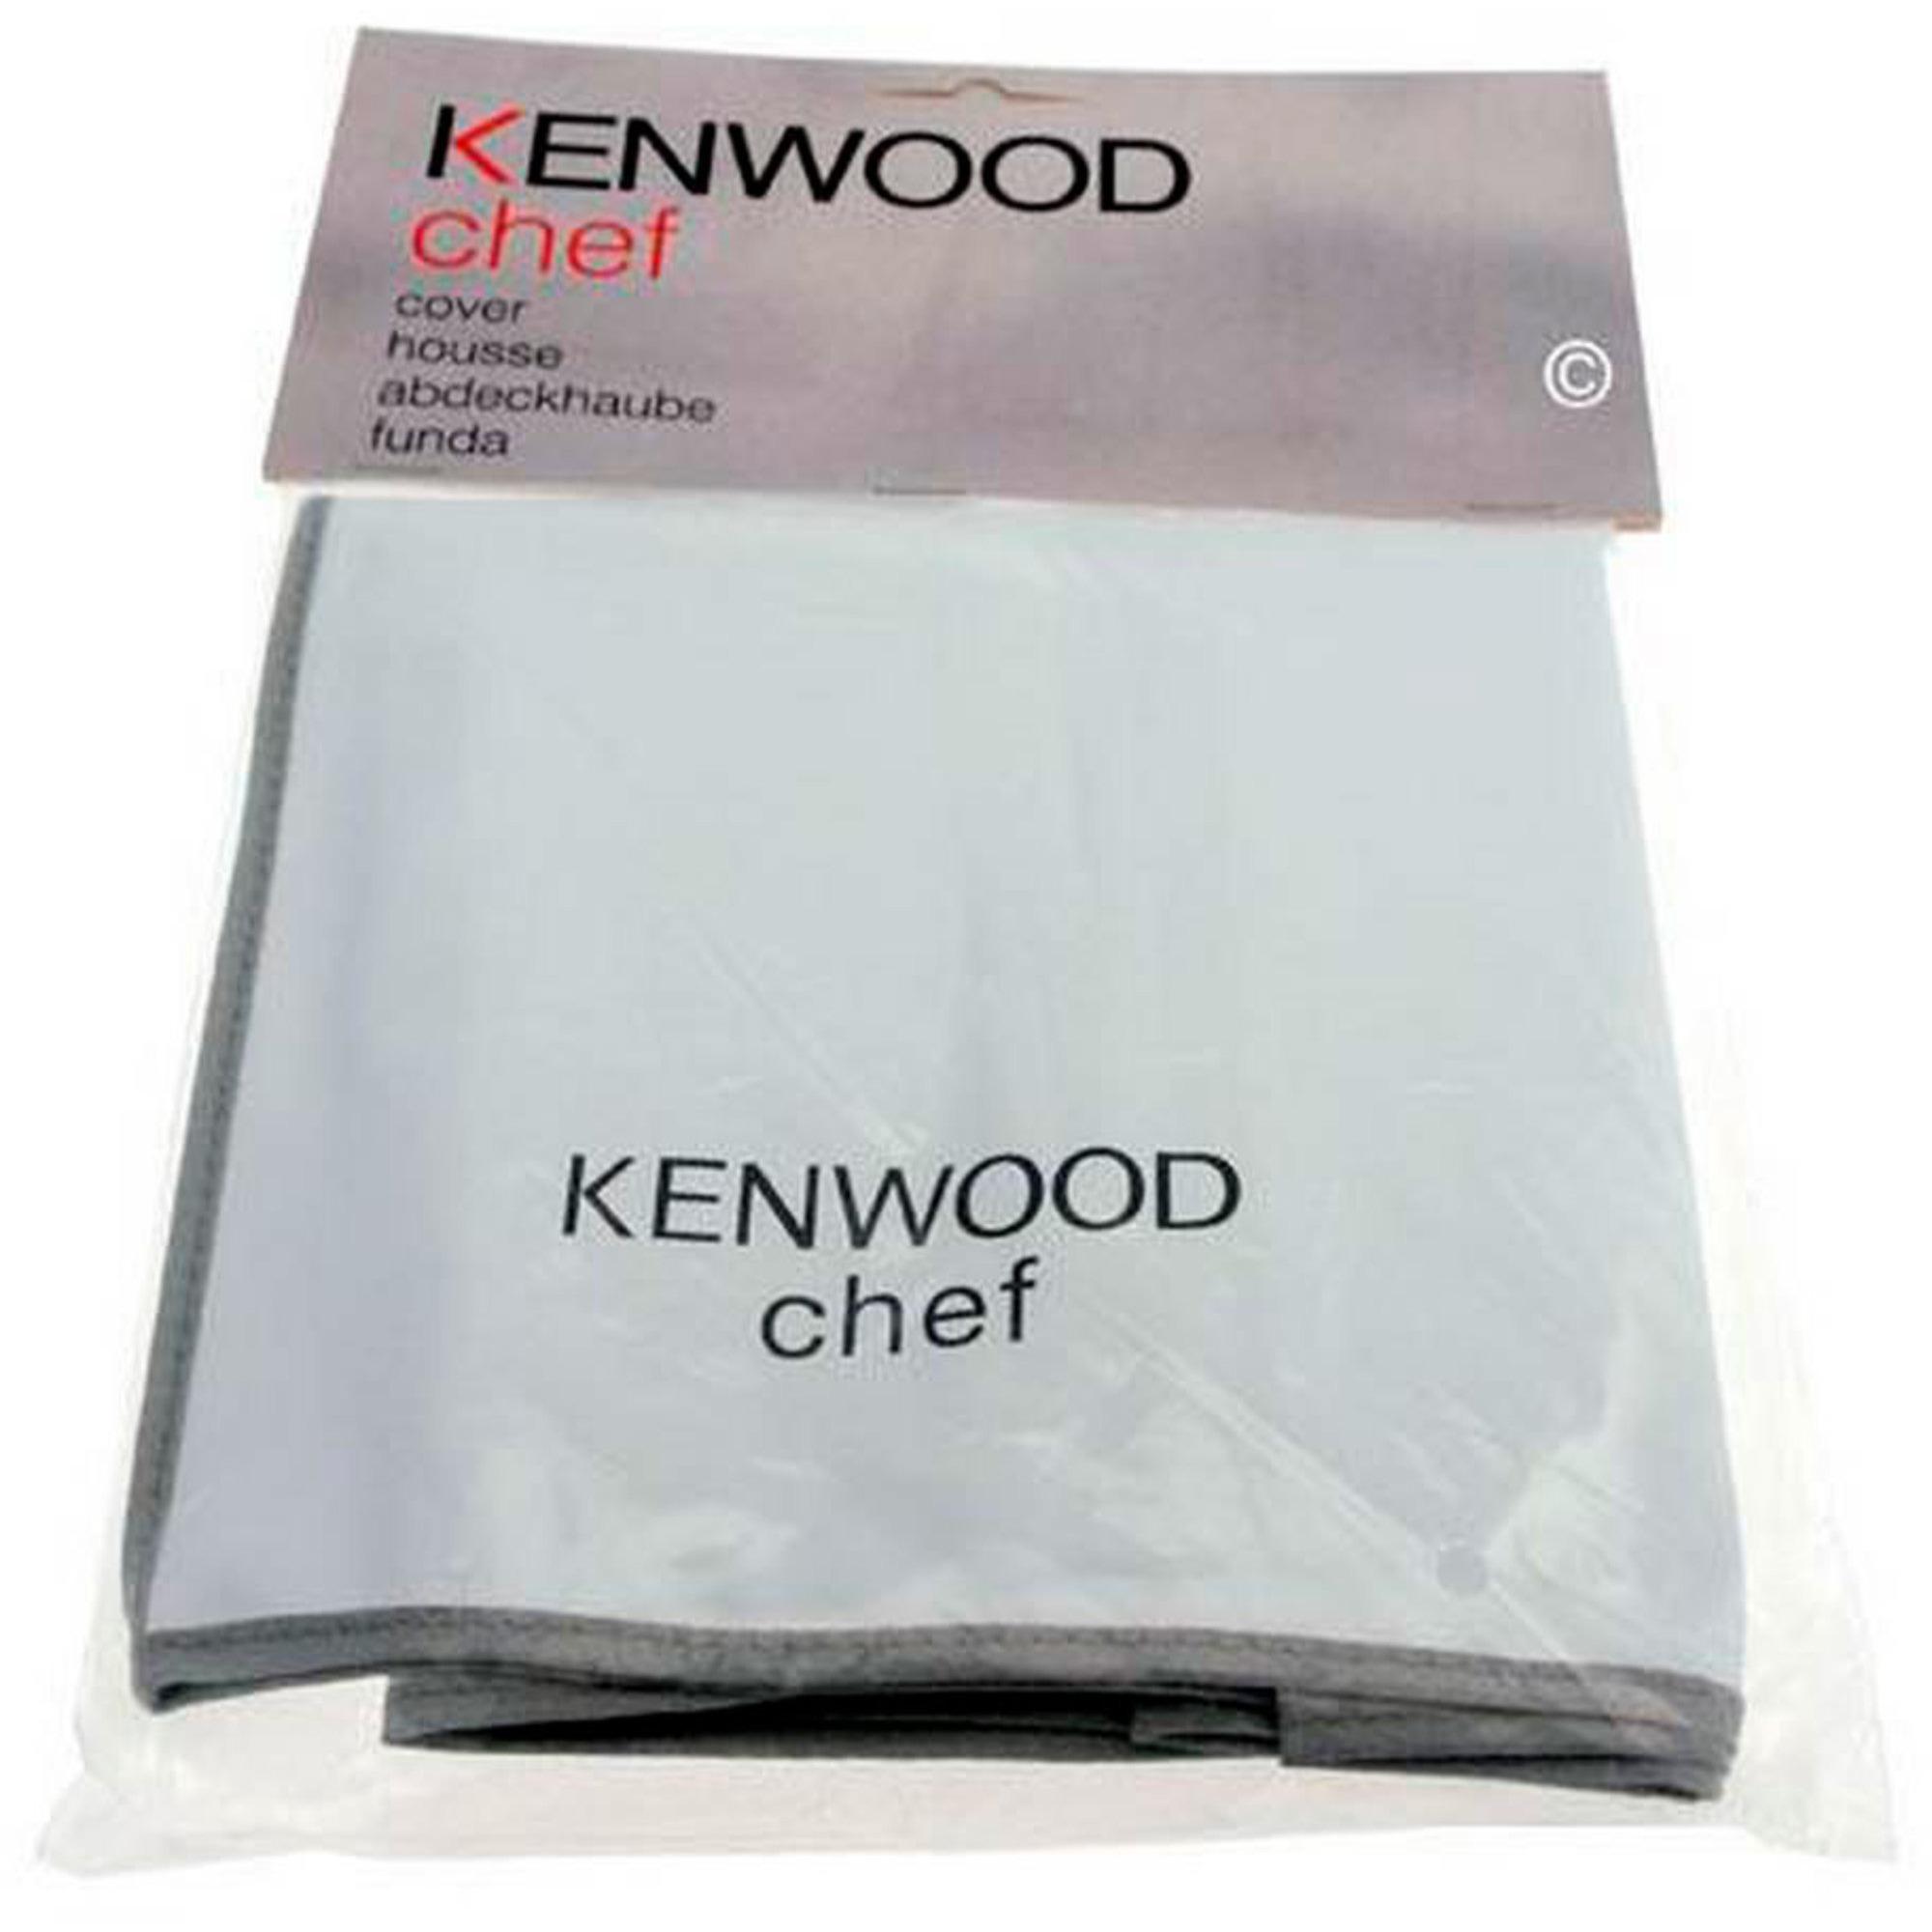 Kenwood Chef Skyddsöverdrag